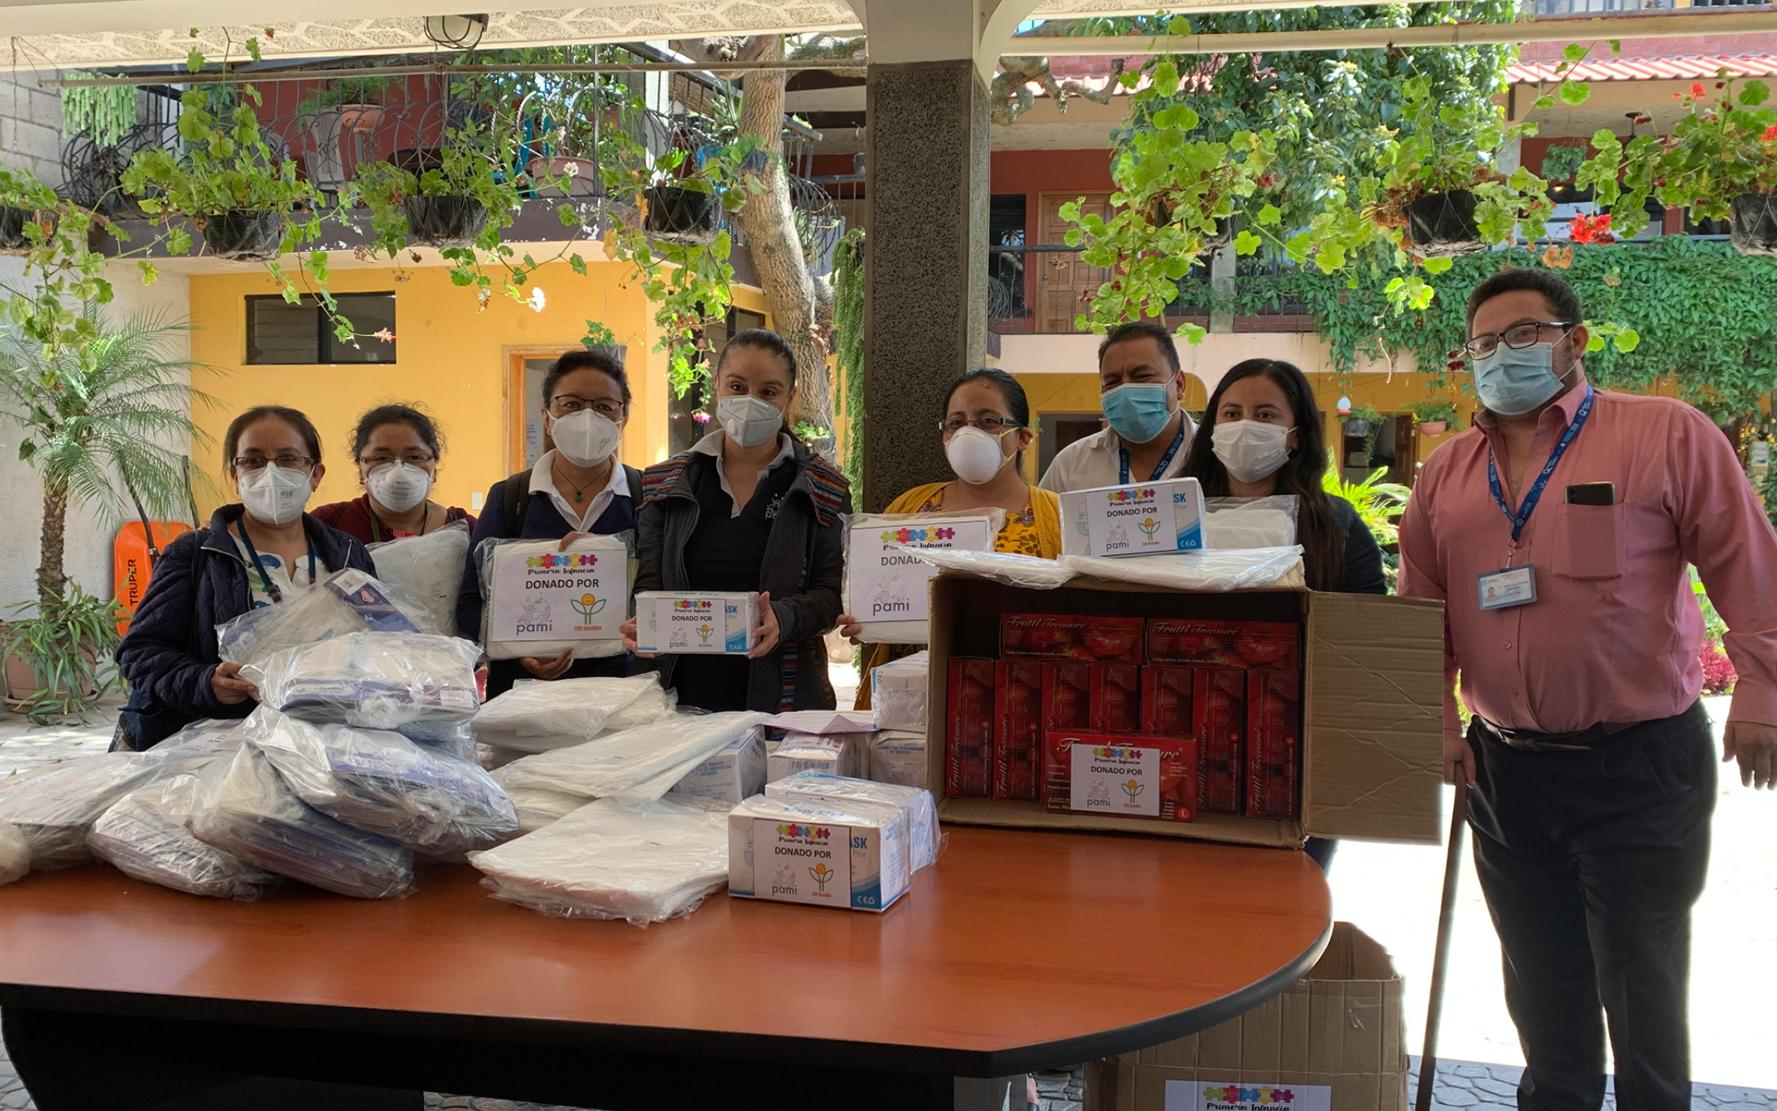 PAMI a través del proyecto CDI Semilla, hace entrega de insumos de protección a personal de salud en Sololá